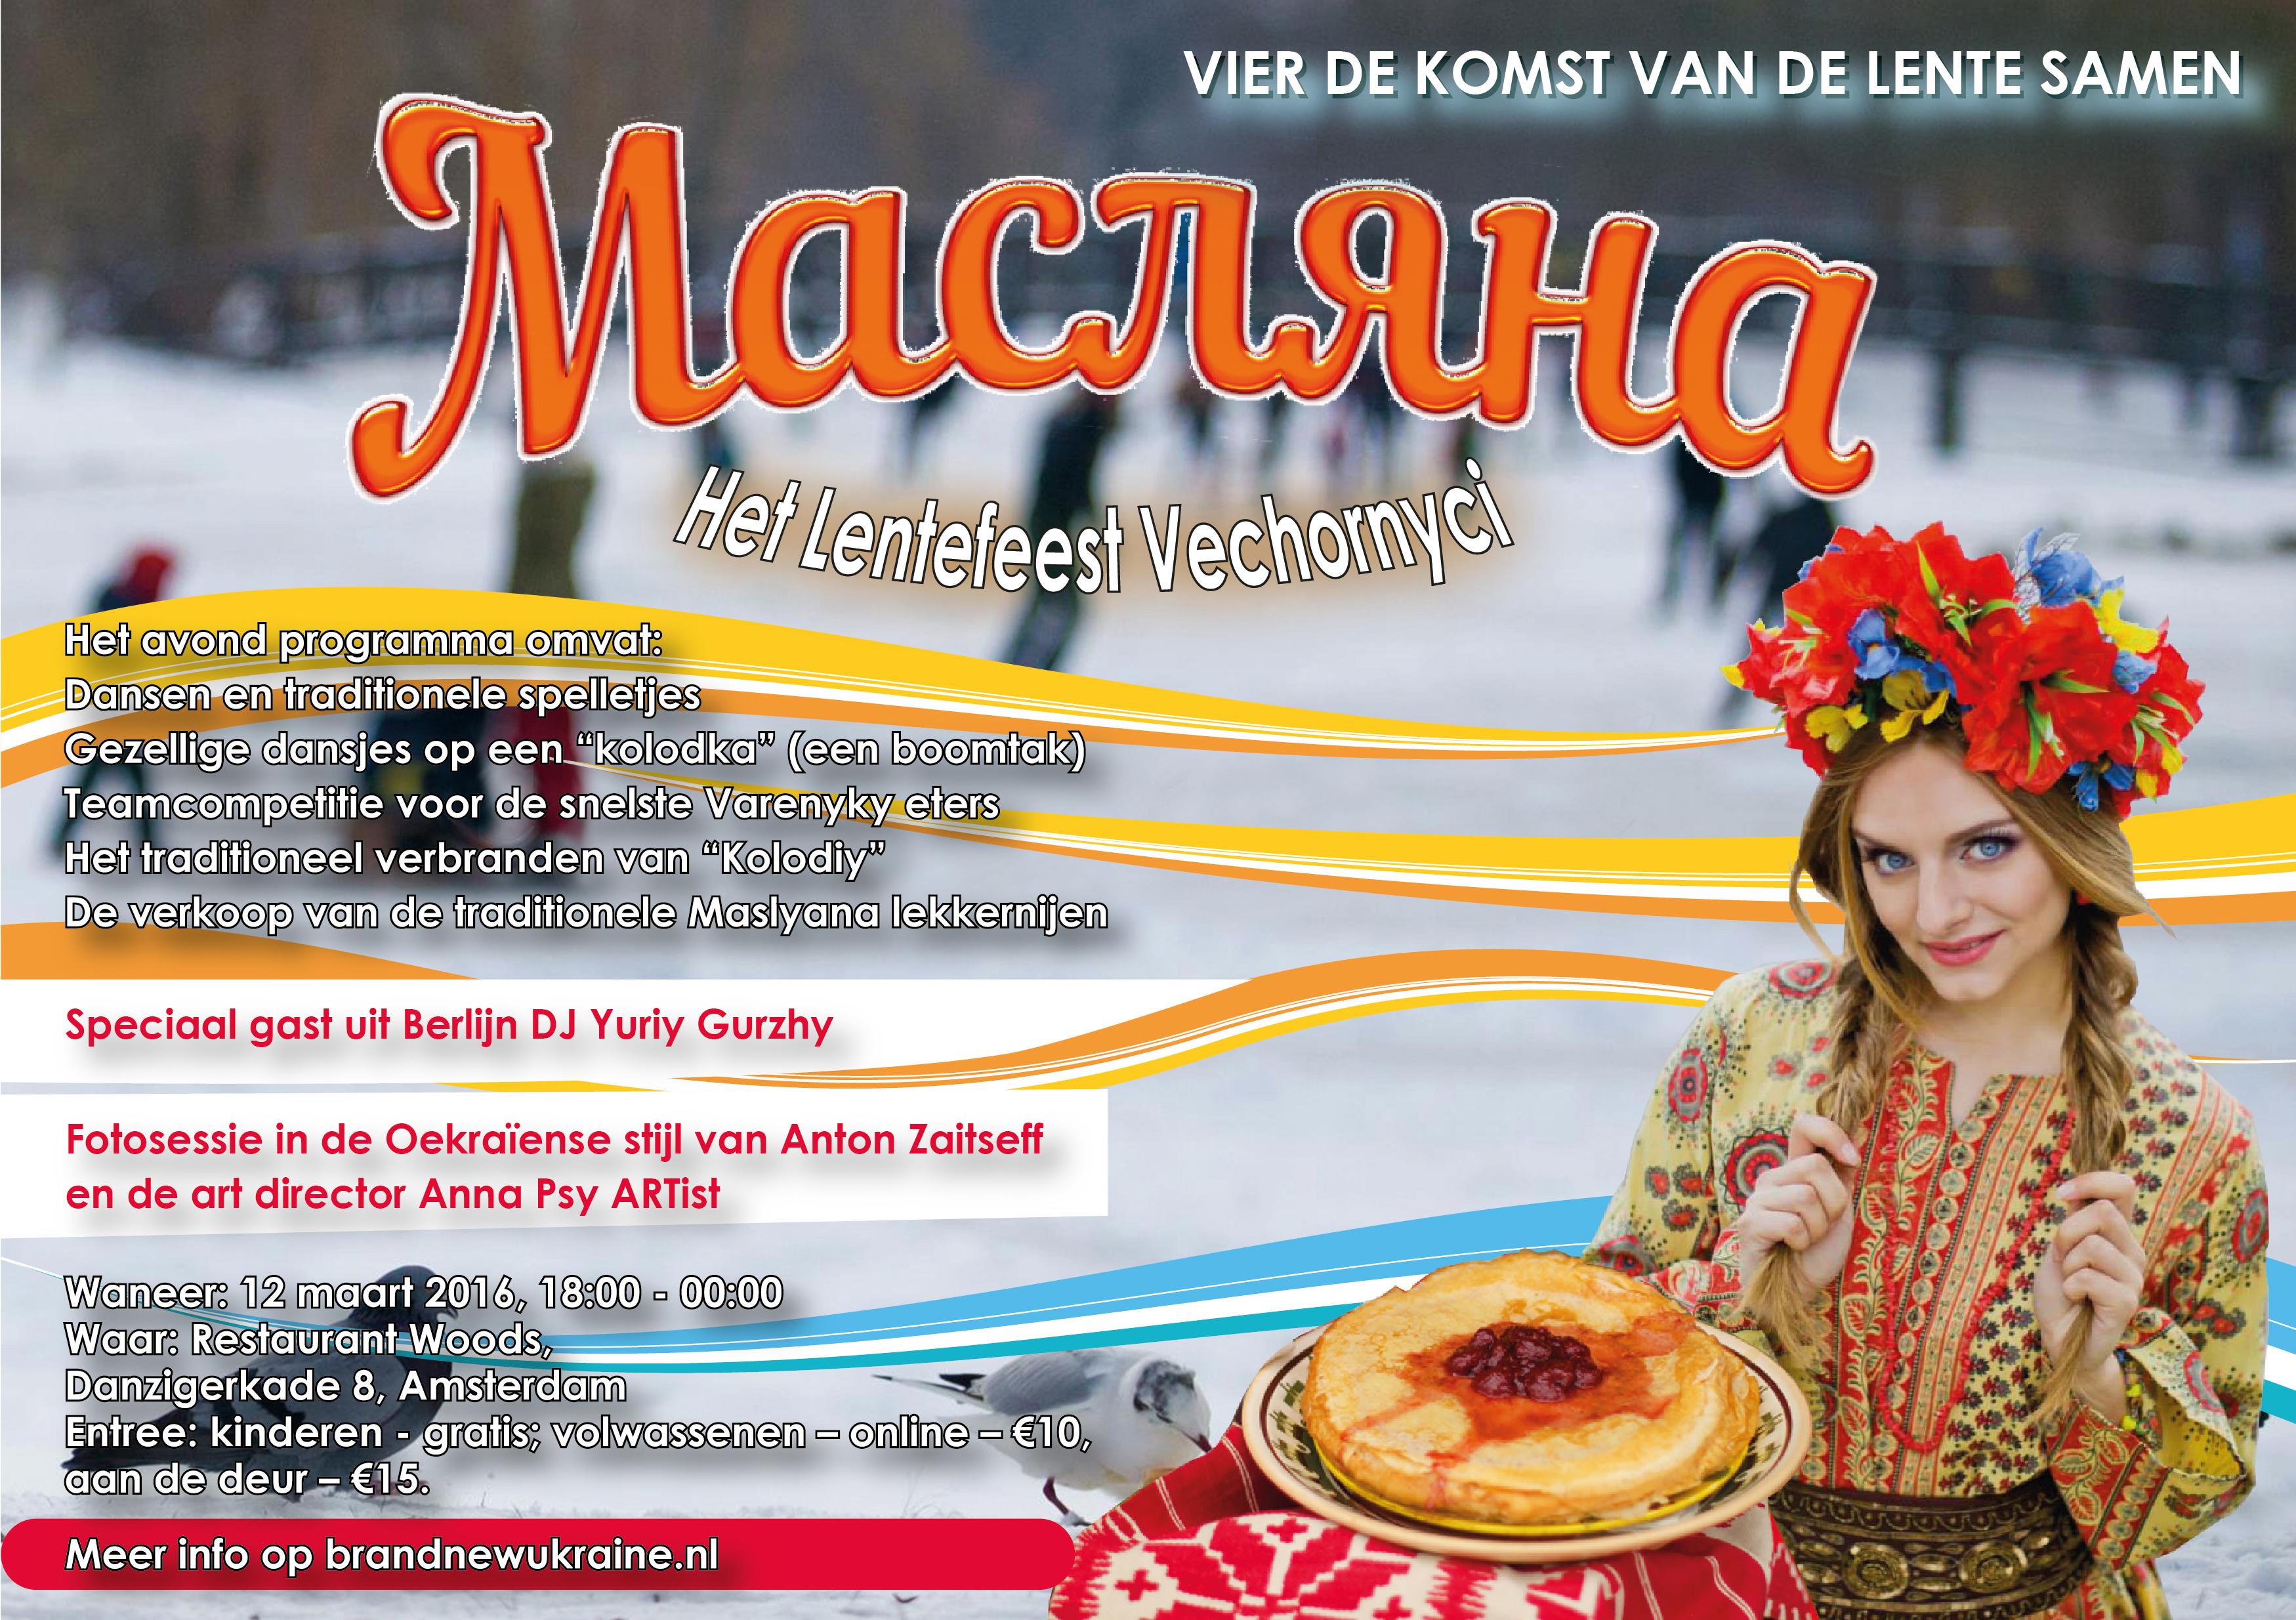 Maslyana Vechornyci AMsterdam